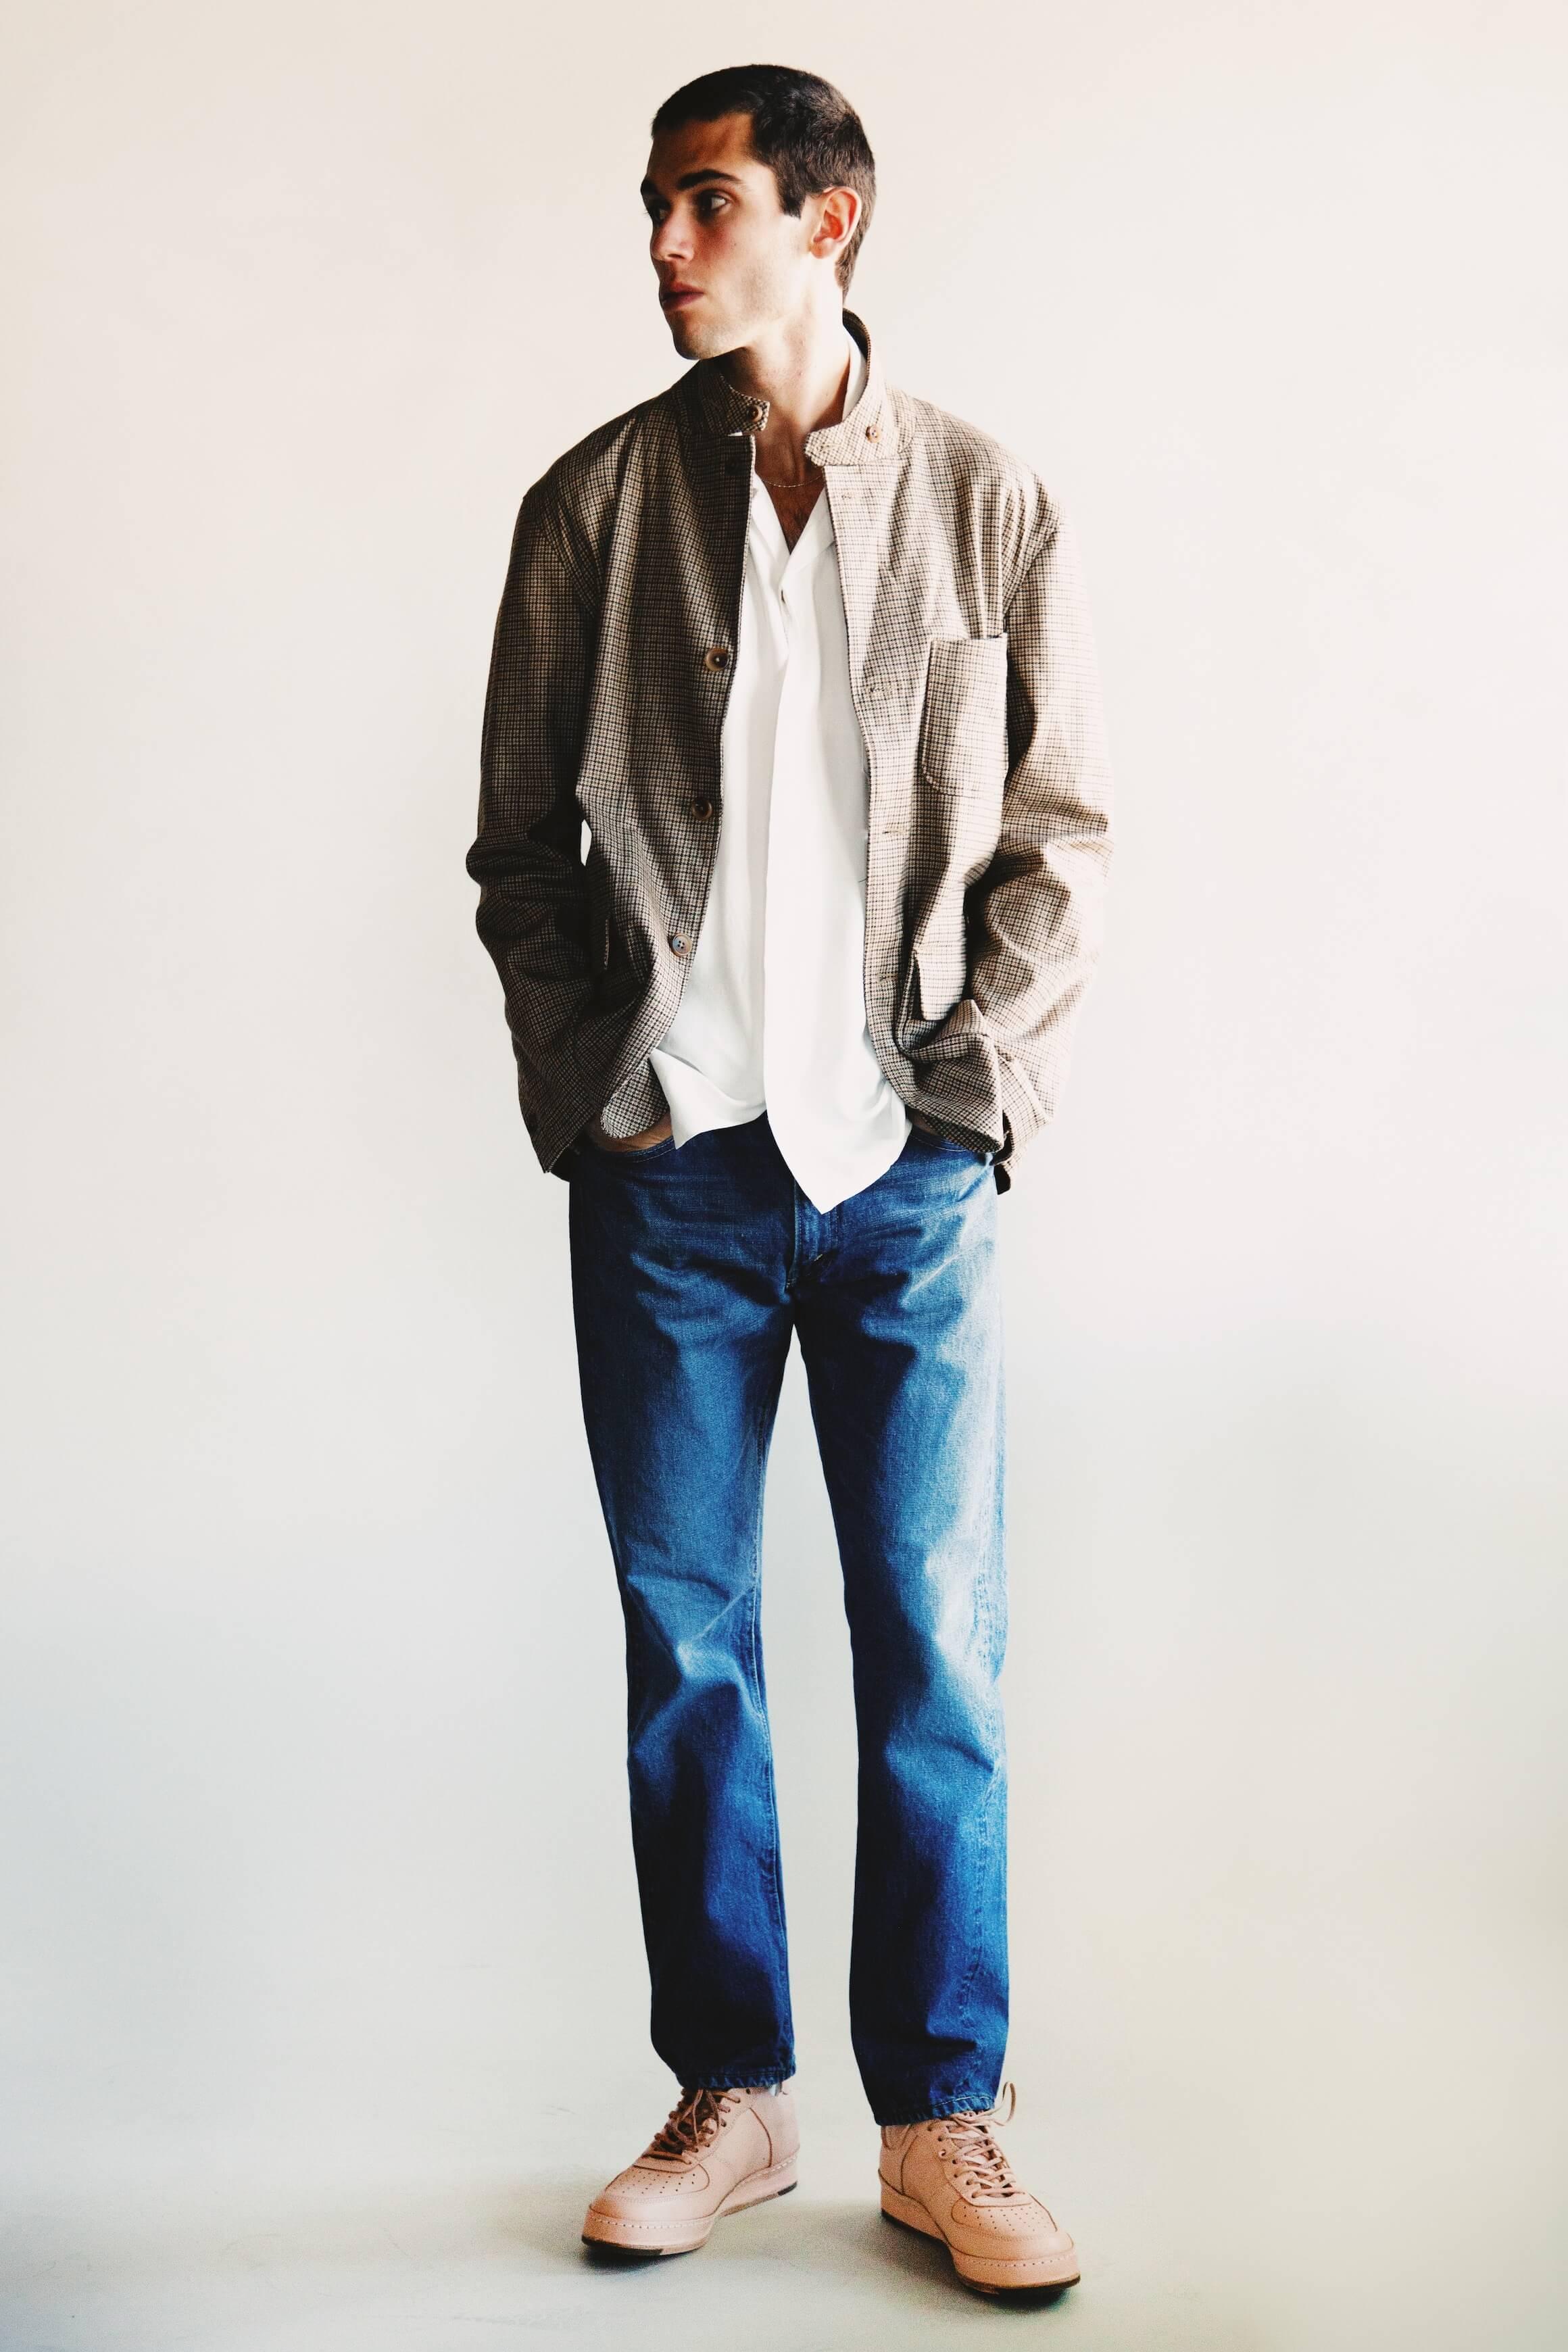 Engineered garments loiter jacket, visvim free edge shirt, orslow 105 standard denim and hender scheme MIP-22 shoes on body